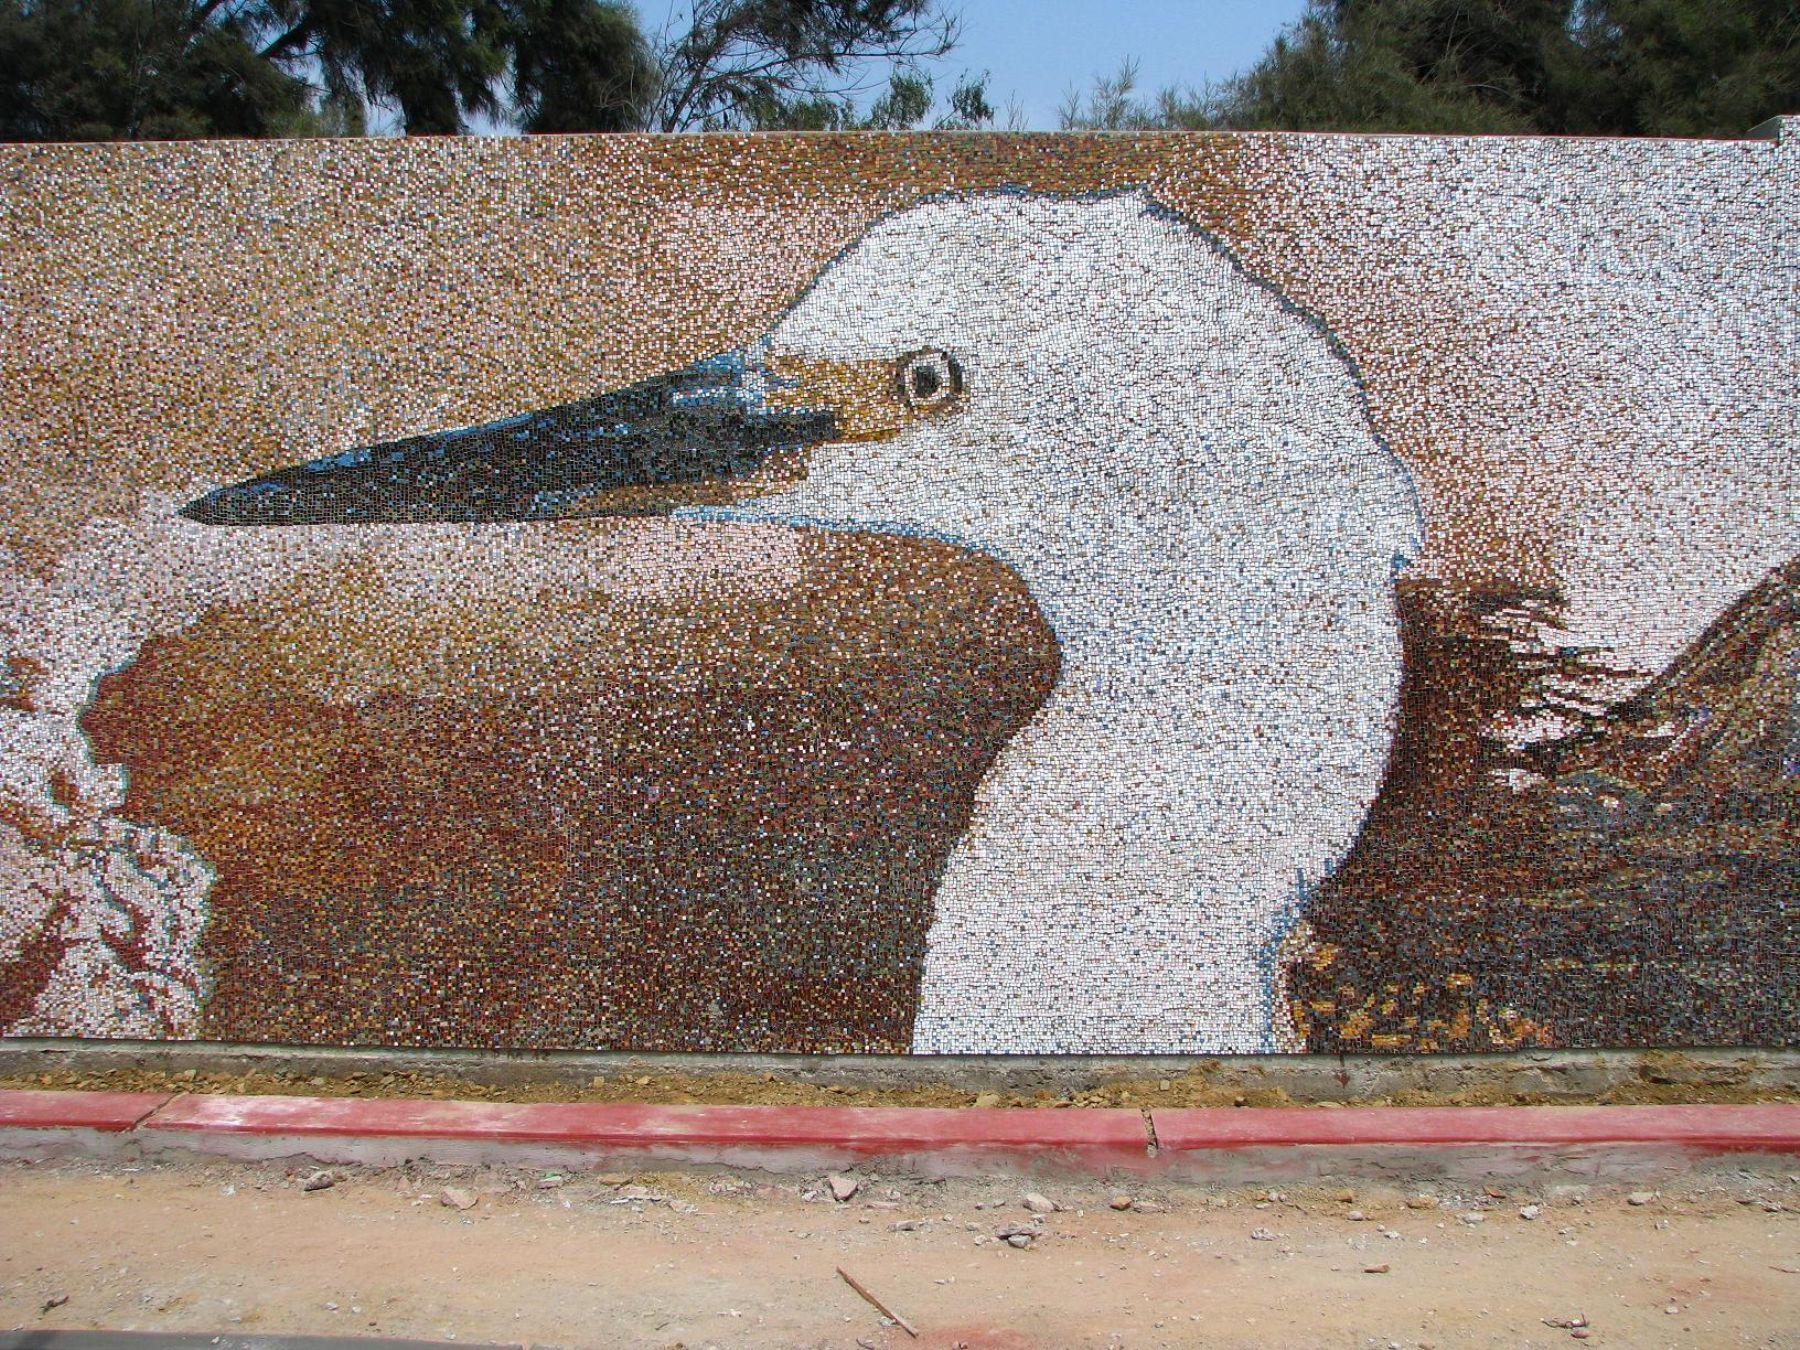 Pel cula el mural 2010 espa ol latino el mural images for El mural pelicula